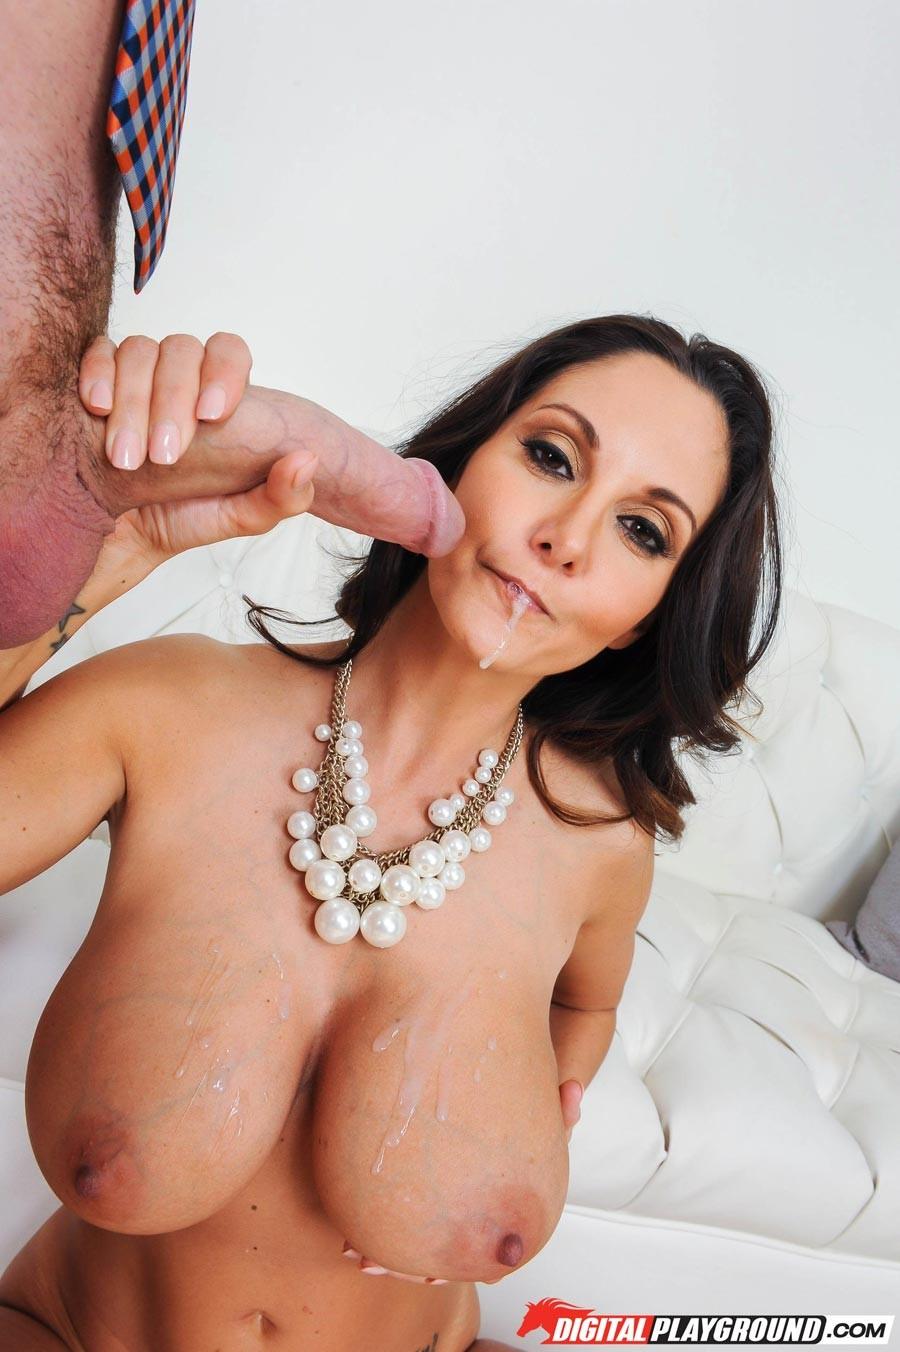 Авва адамс порно актриса личная жизнь